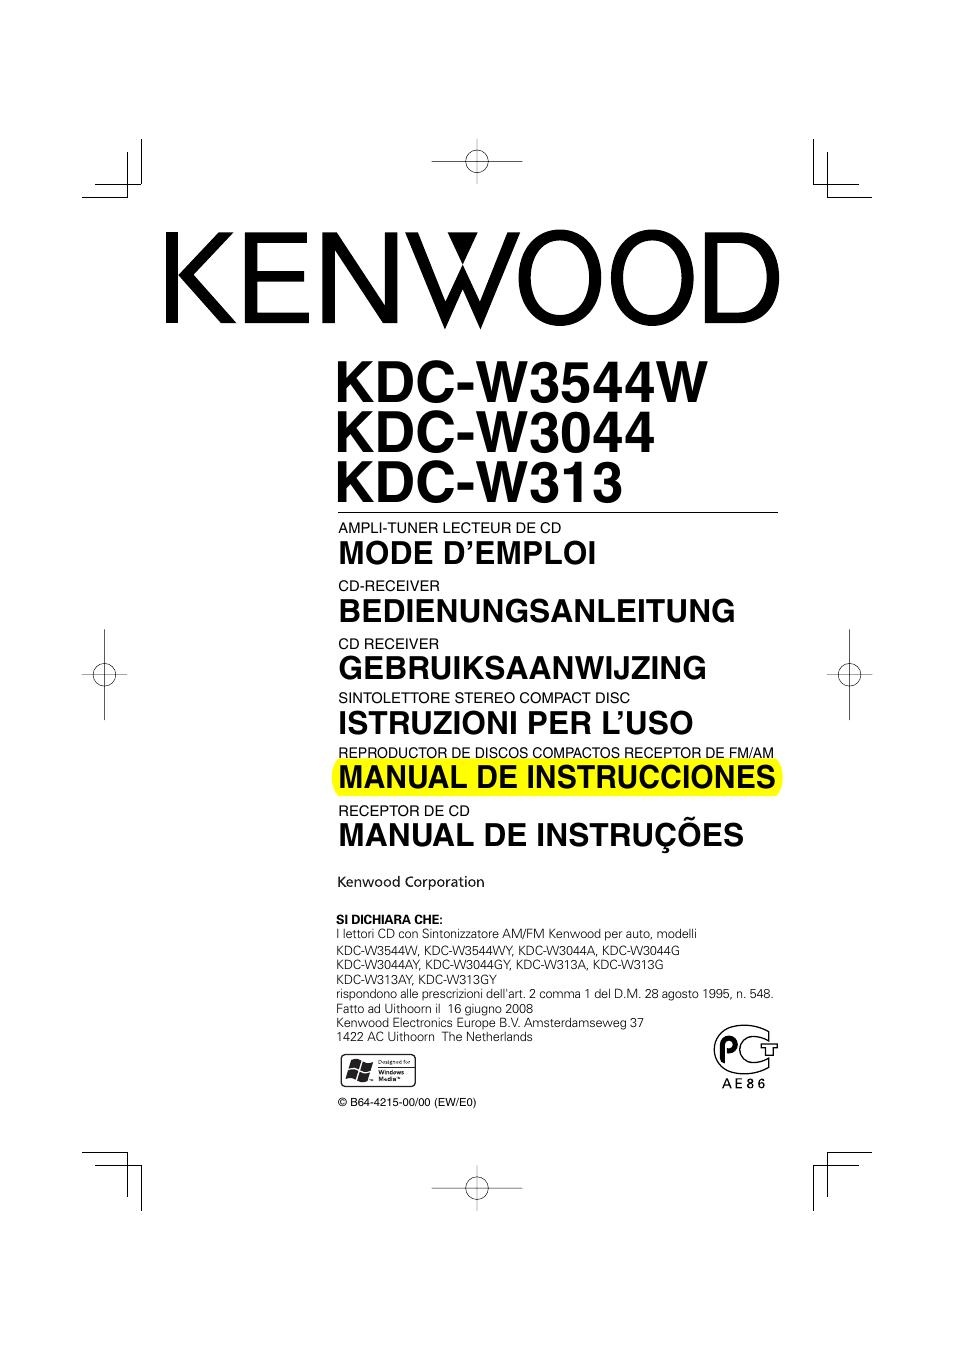 Bedienungsanleitung Kenwood Kdc W3044